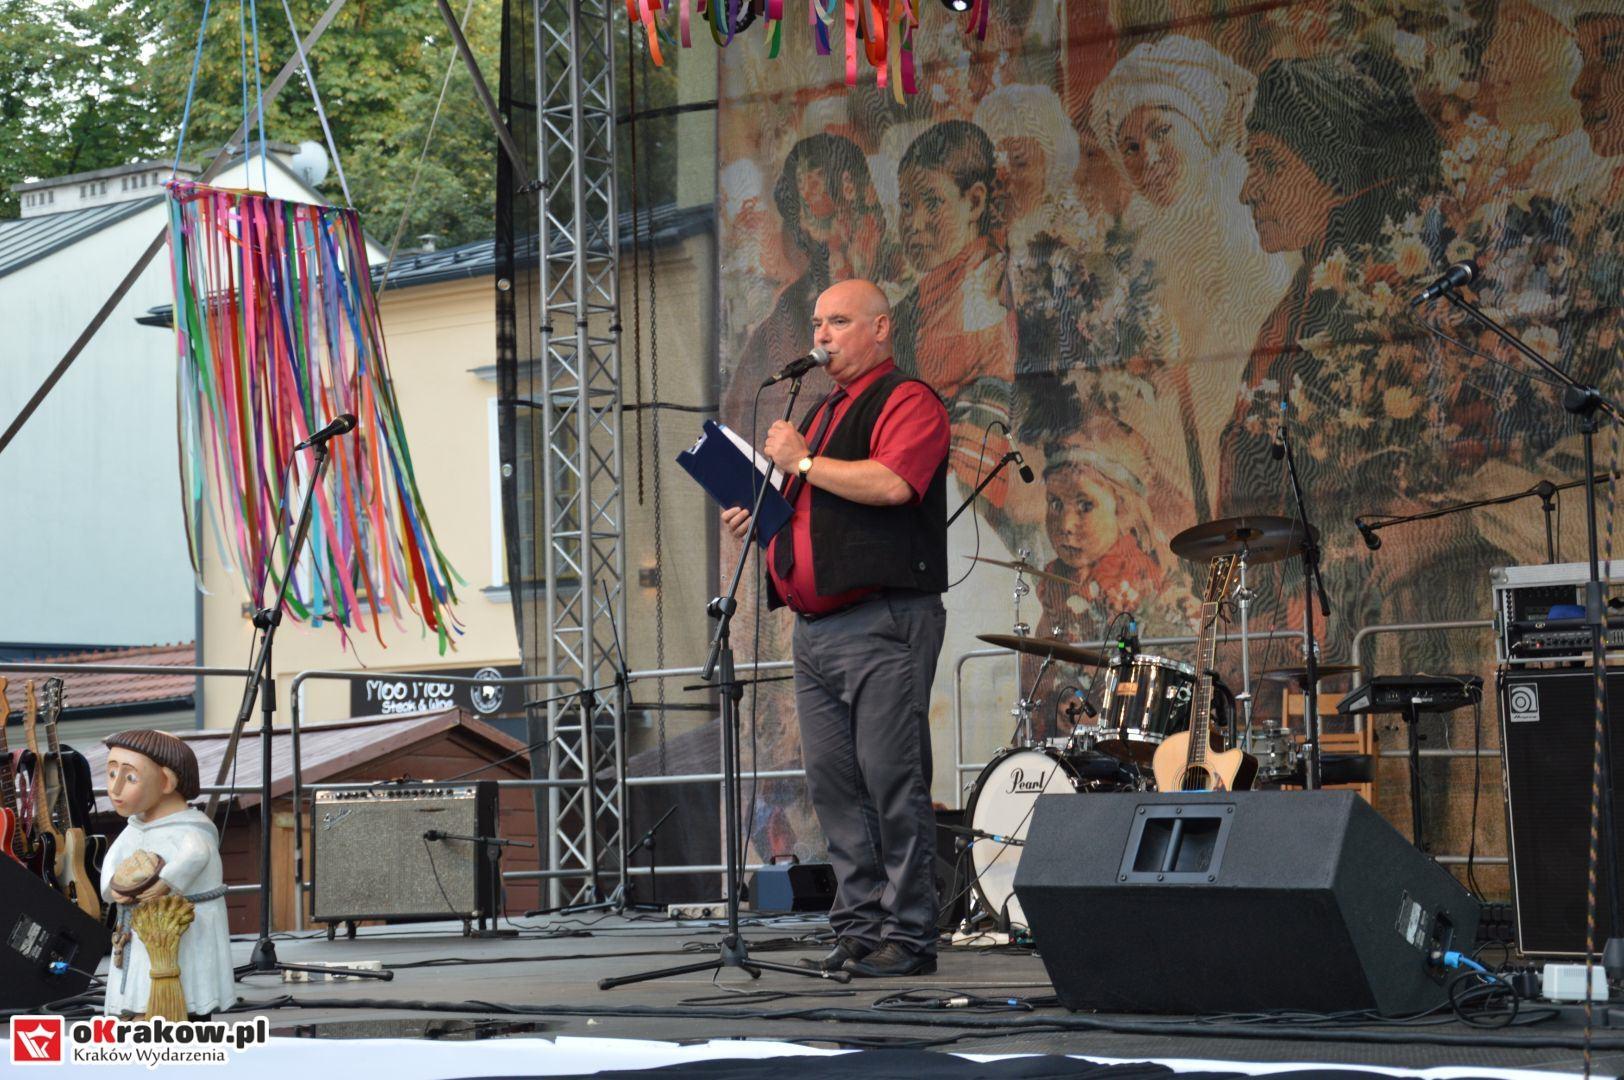 krakow festiwal pierogow maly rynek koncert cheap tobacco 95 150x150 - Galeria zdjęć Festiwal Pierogów Kraków 2018 + zdjęcia z koncertu Cheap Tobacco